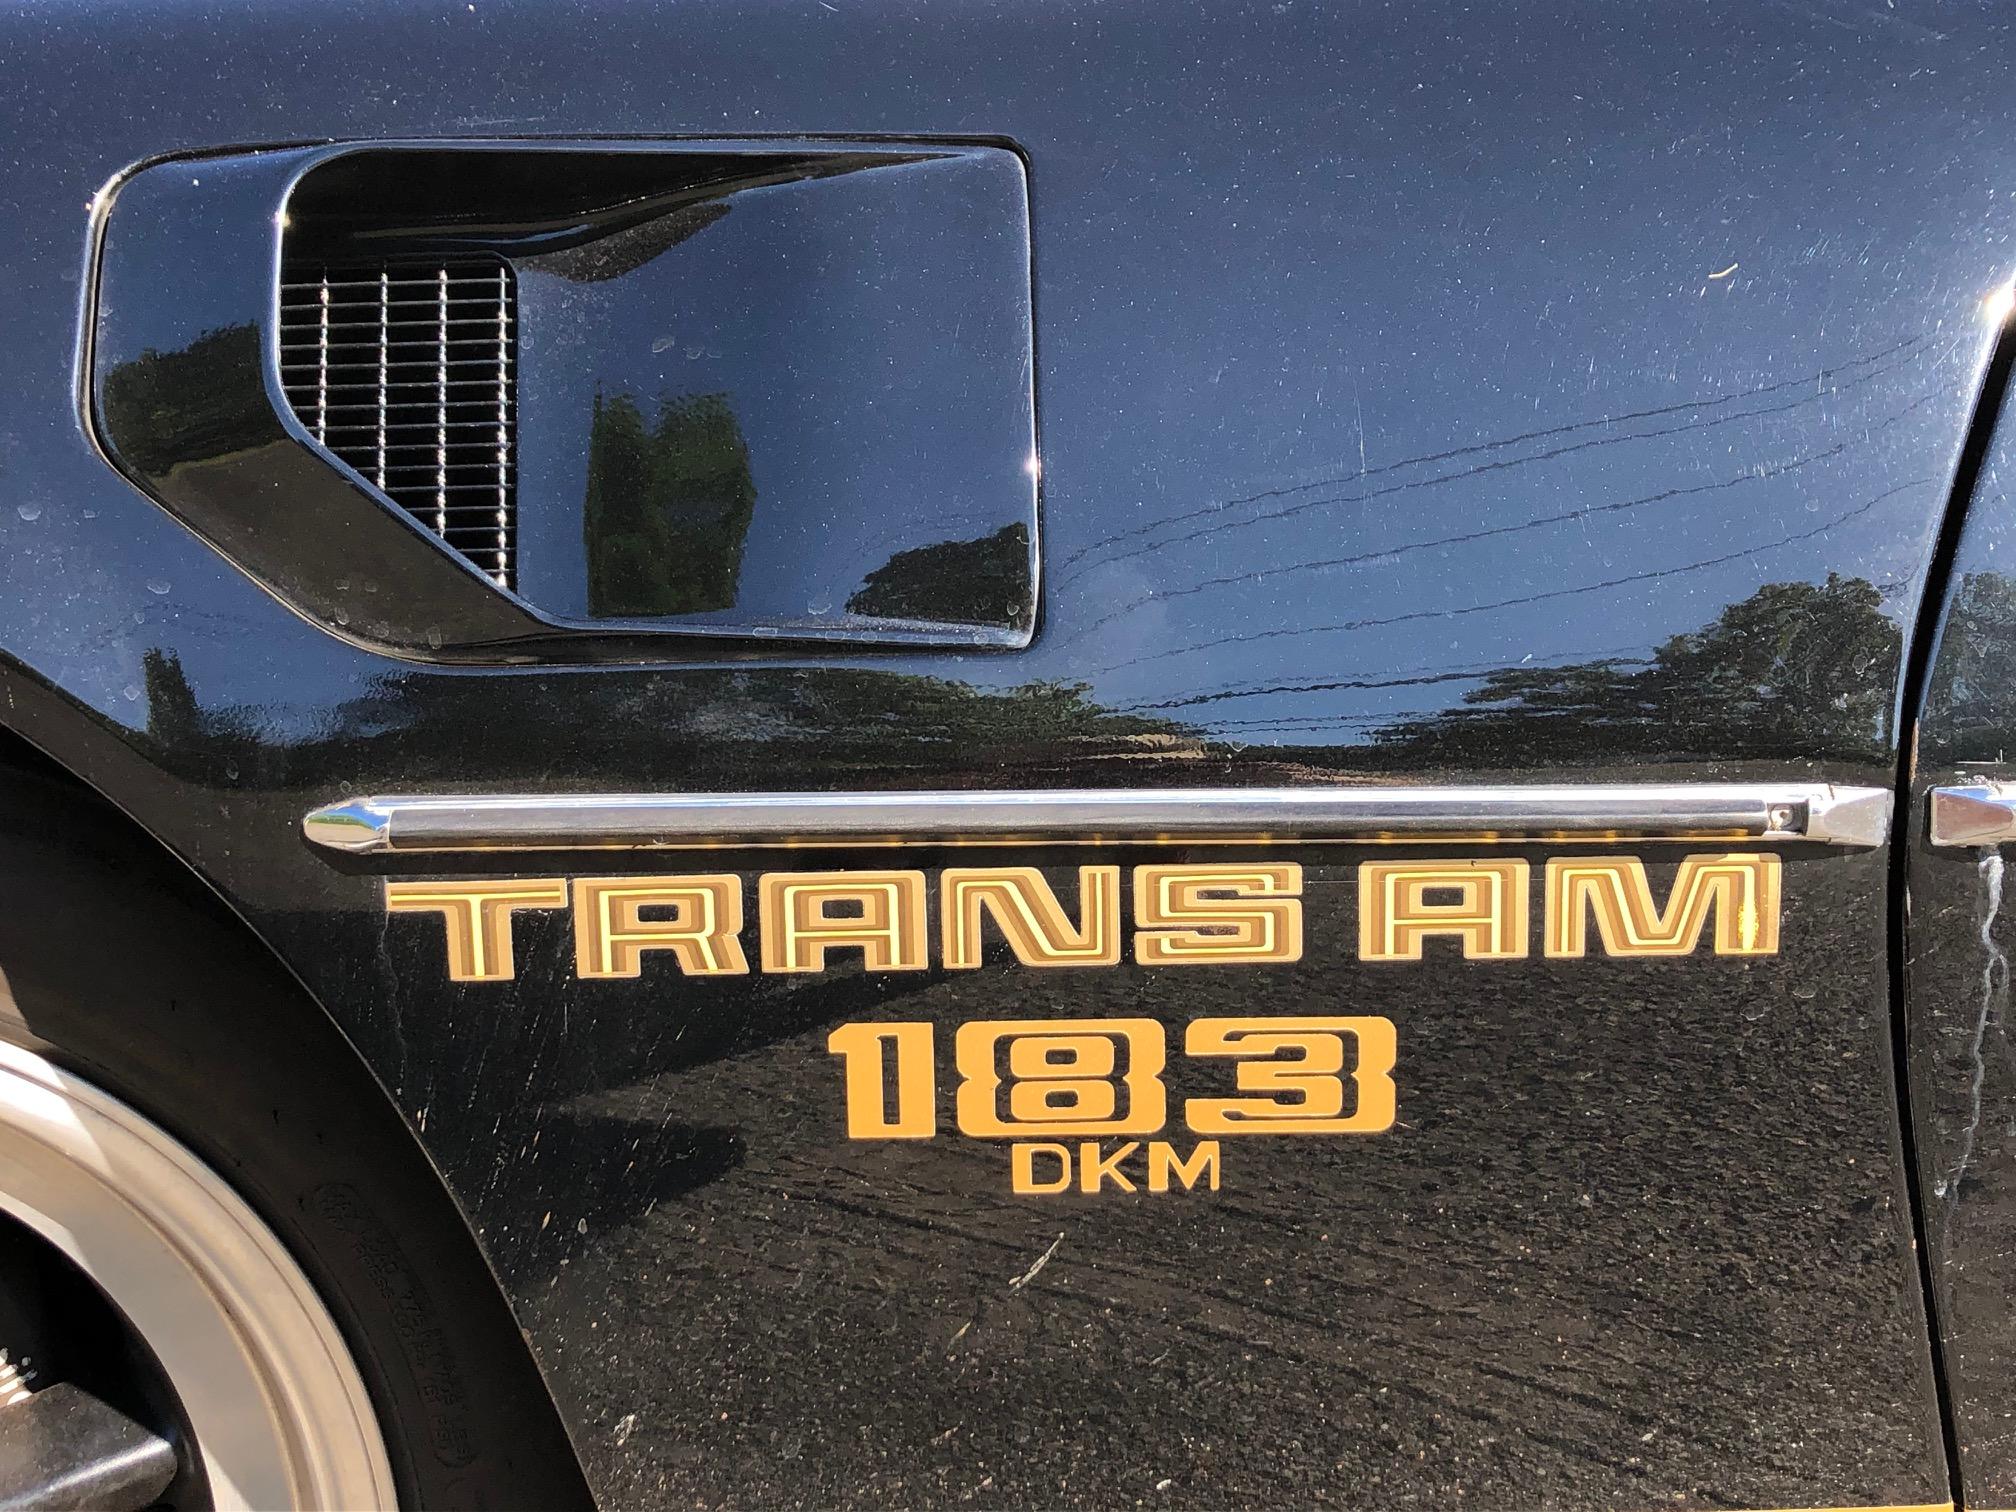 1978 Pontiac DKM Macho Trans Am front quarter panel graphic